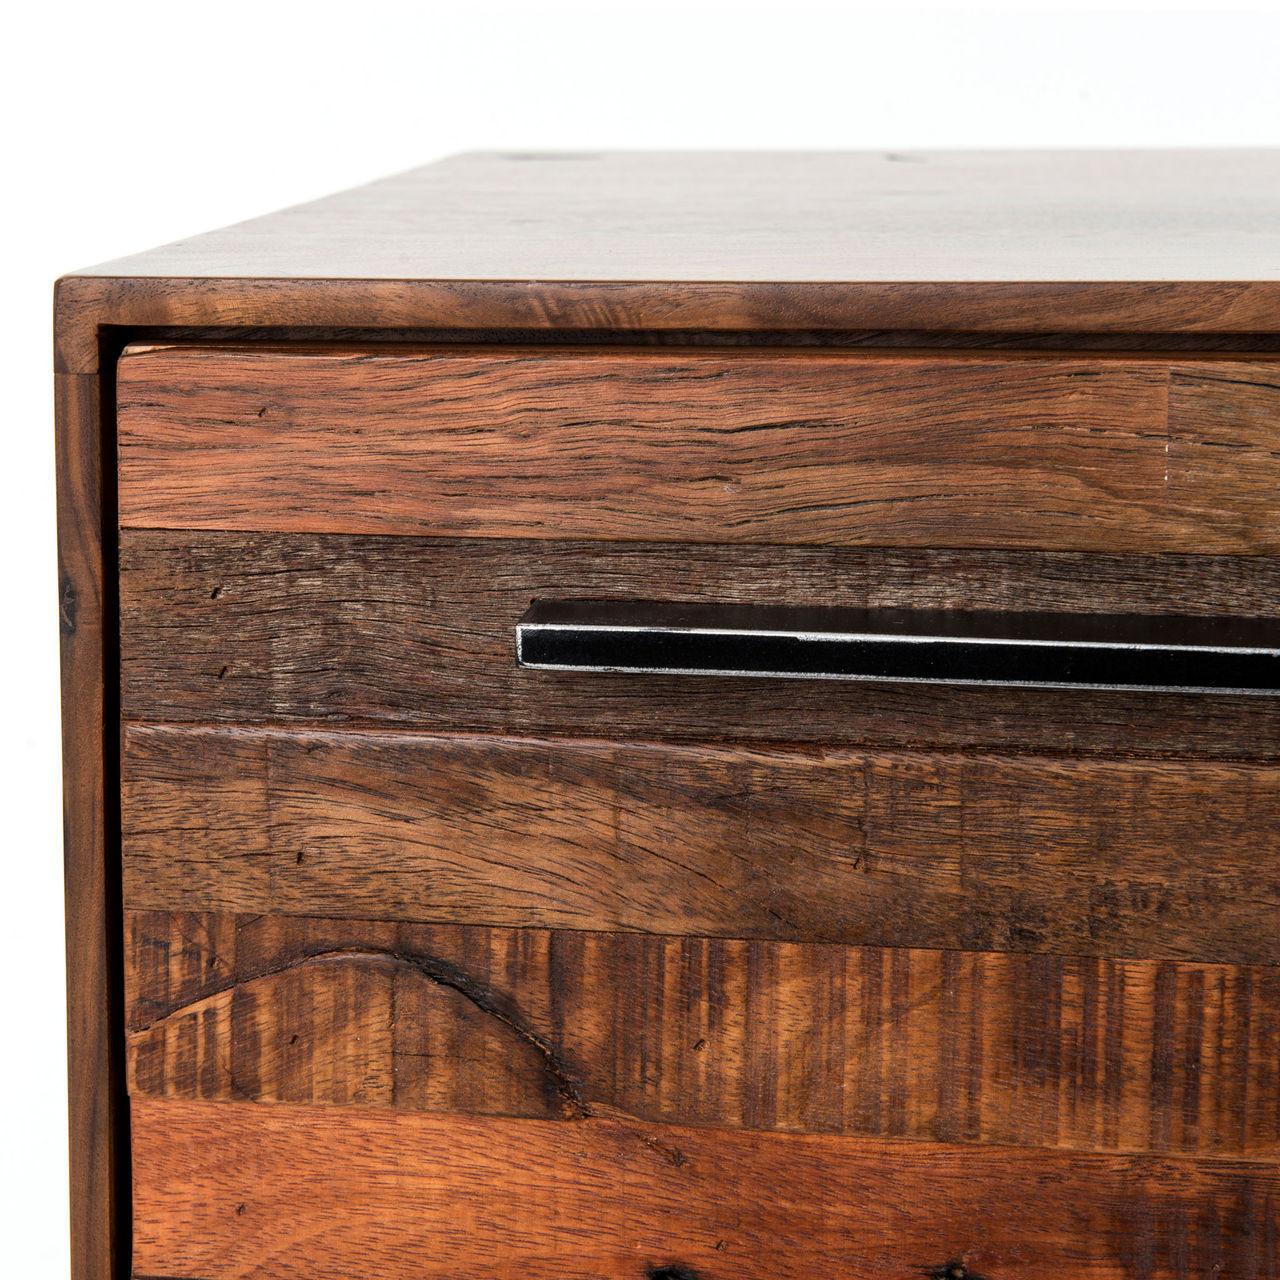 ... Emily Reclaimed Wood Dresser - Emily Reclaimed Wood Tall 5 Drawer Dresser Zin Home